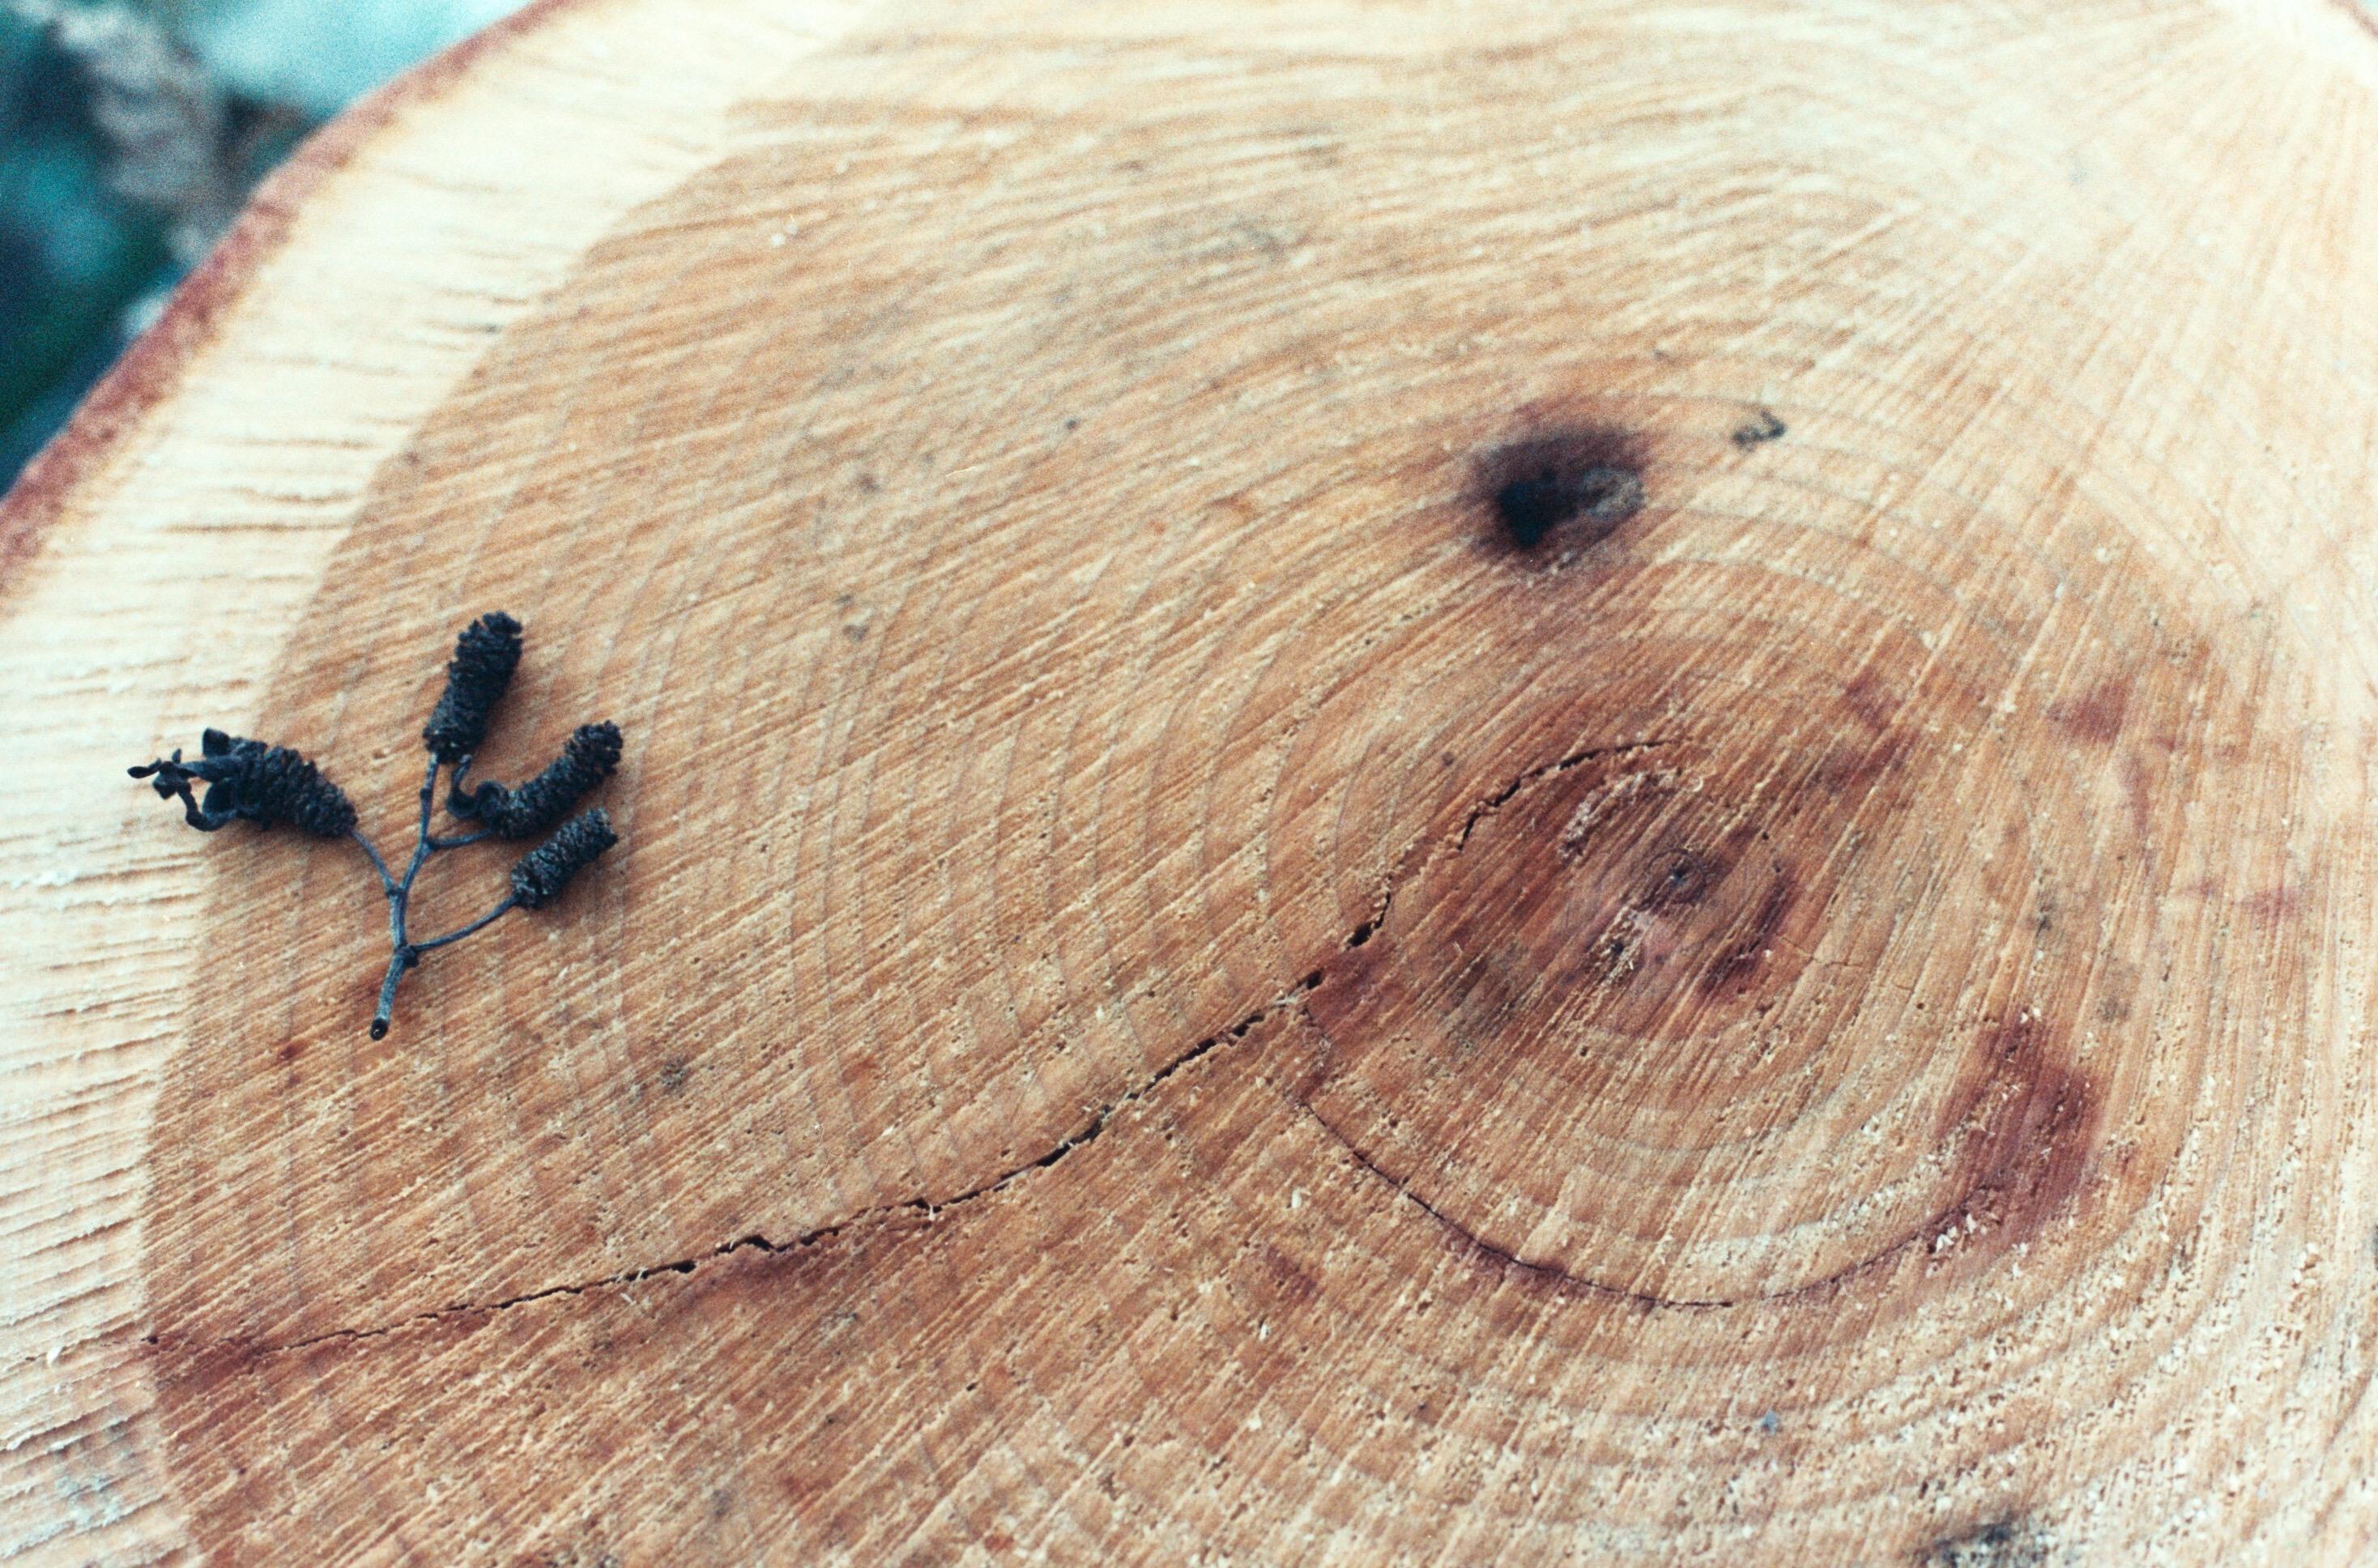 Fotos Gratis Rbol Madera Toc N Insecto Polilla Fauna  ~ Como Son Las Polillas De La Madera